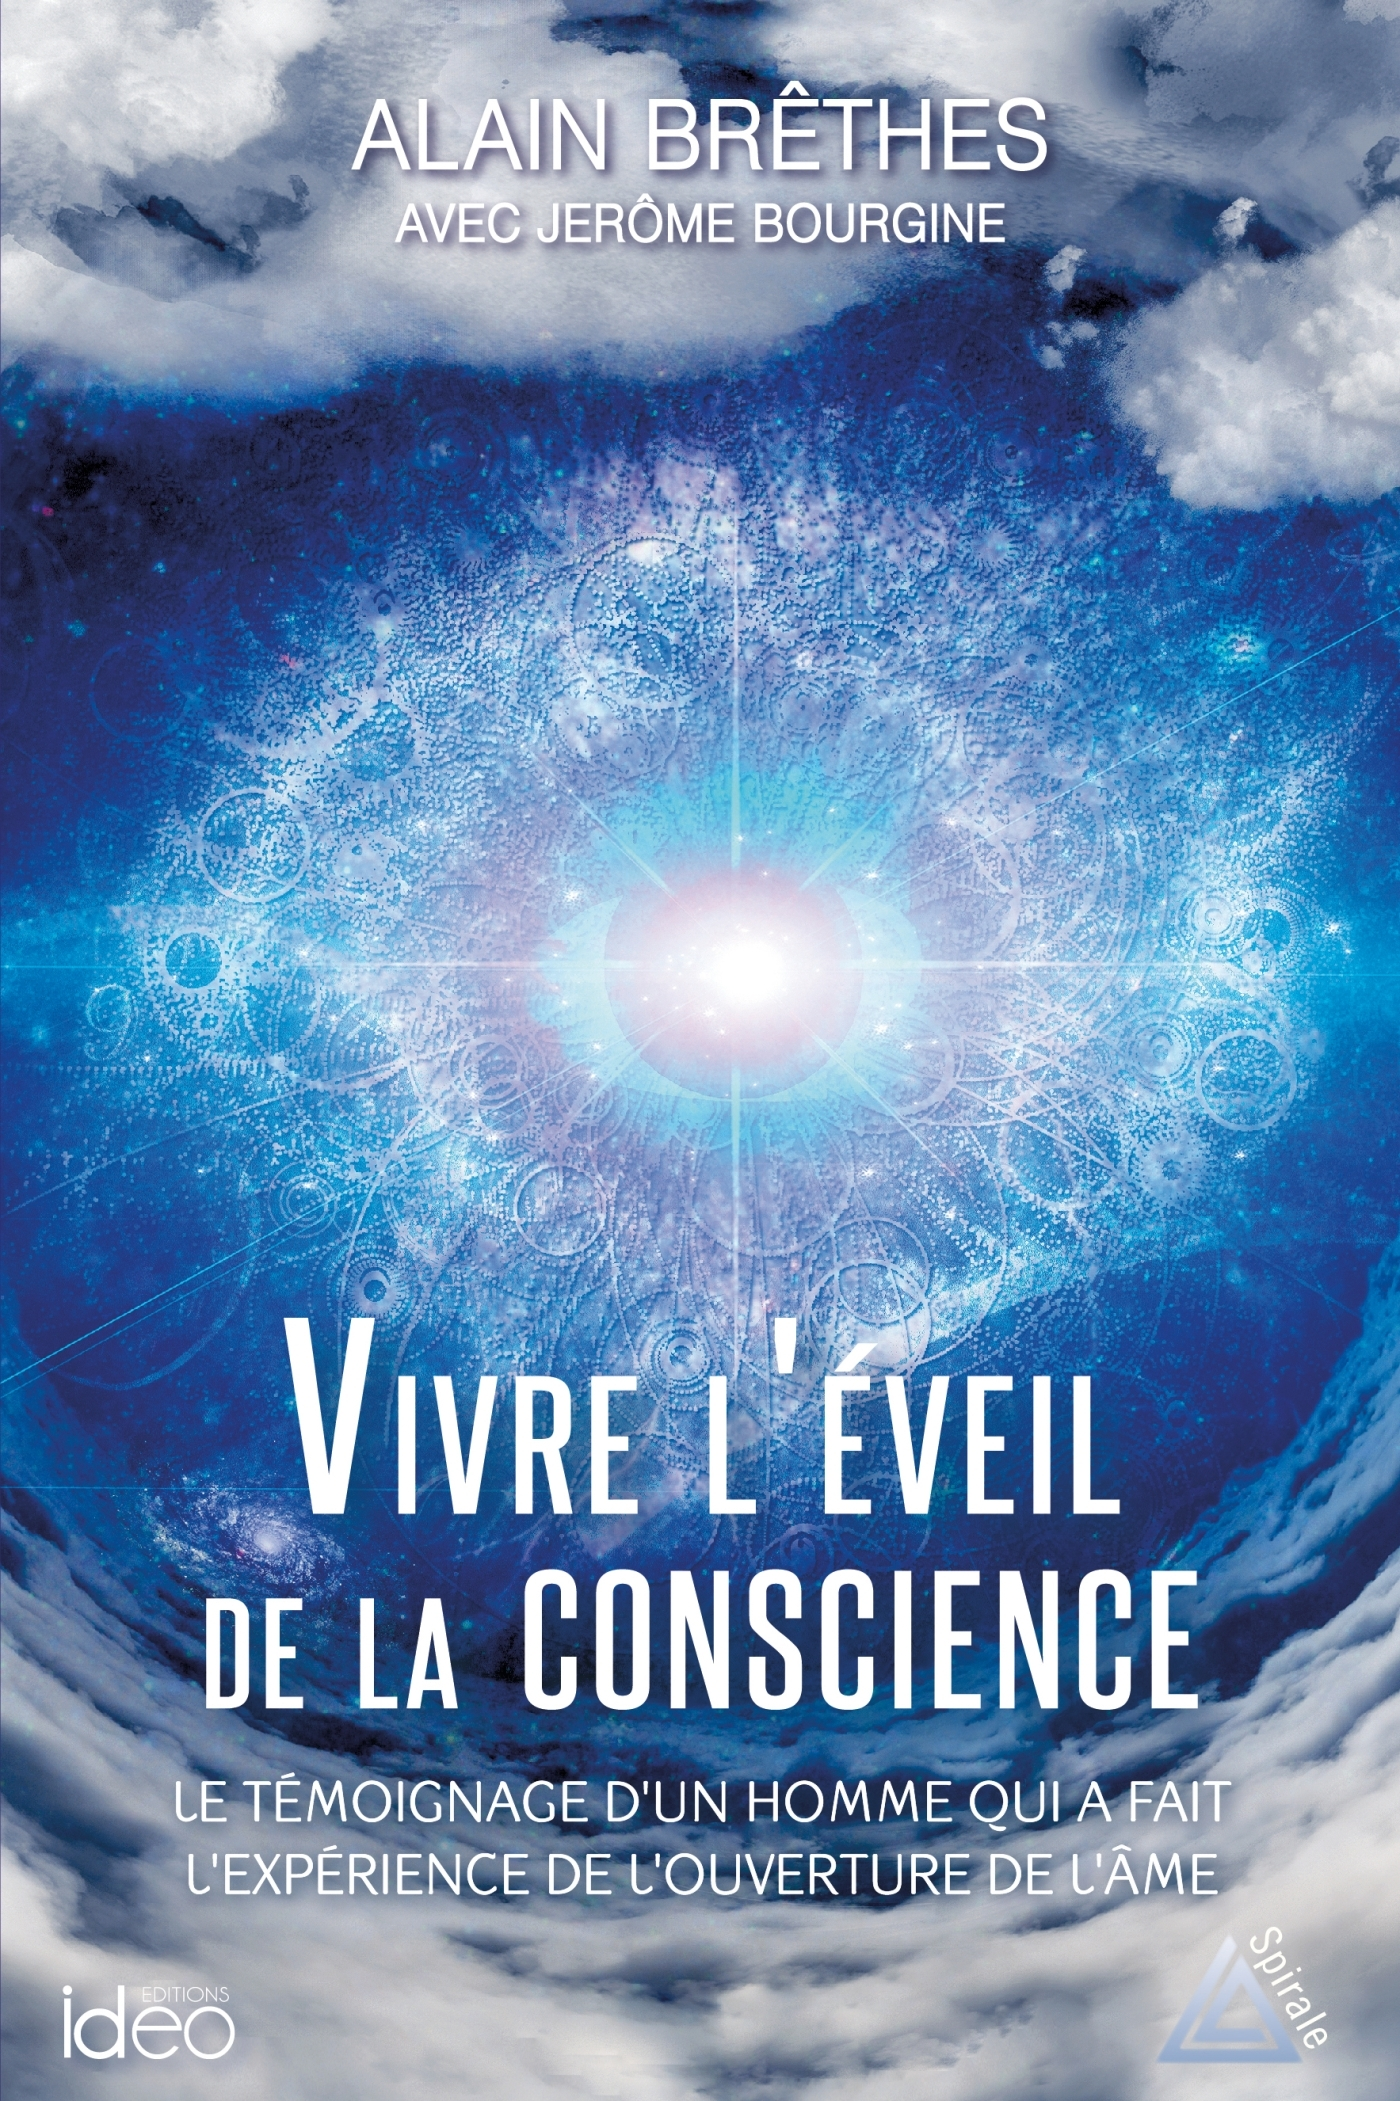 VIVRE L'EVEIL DE LA CONSCIENCE